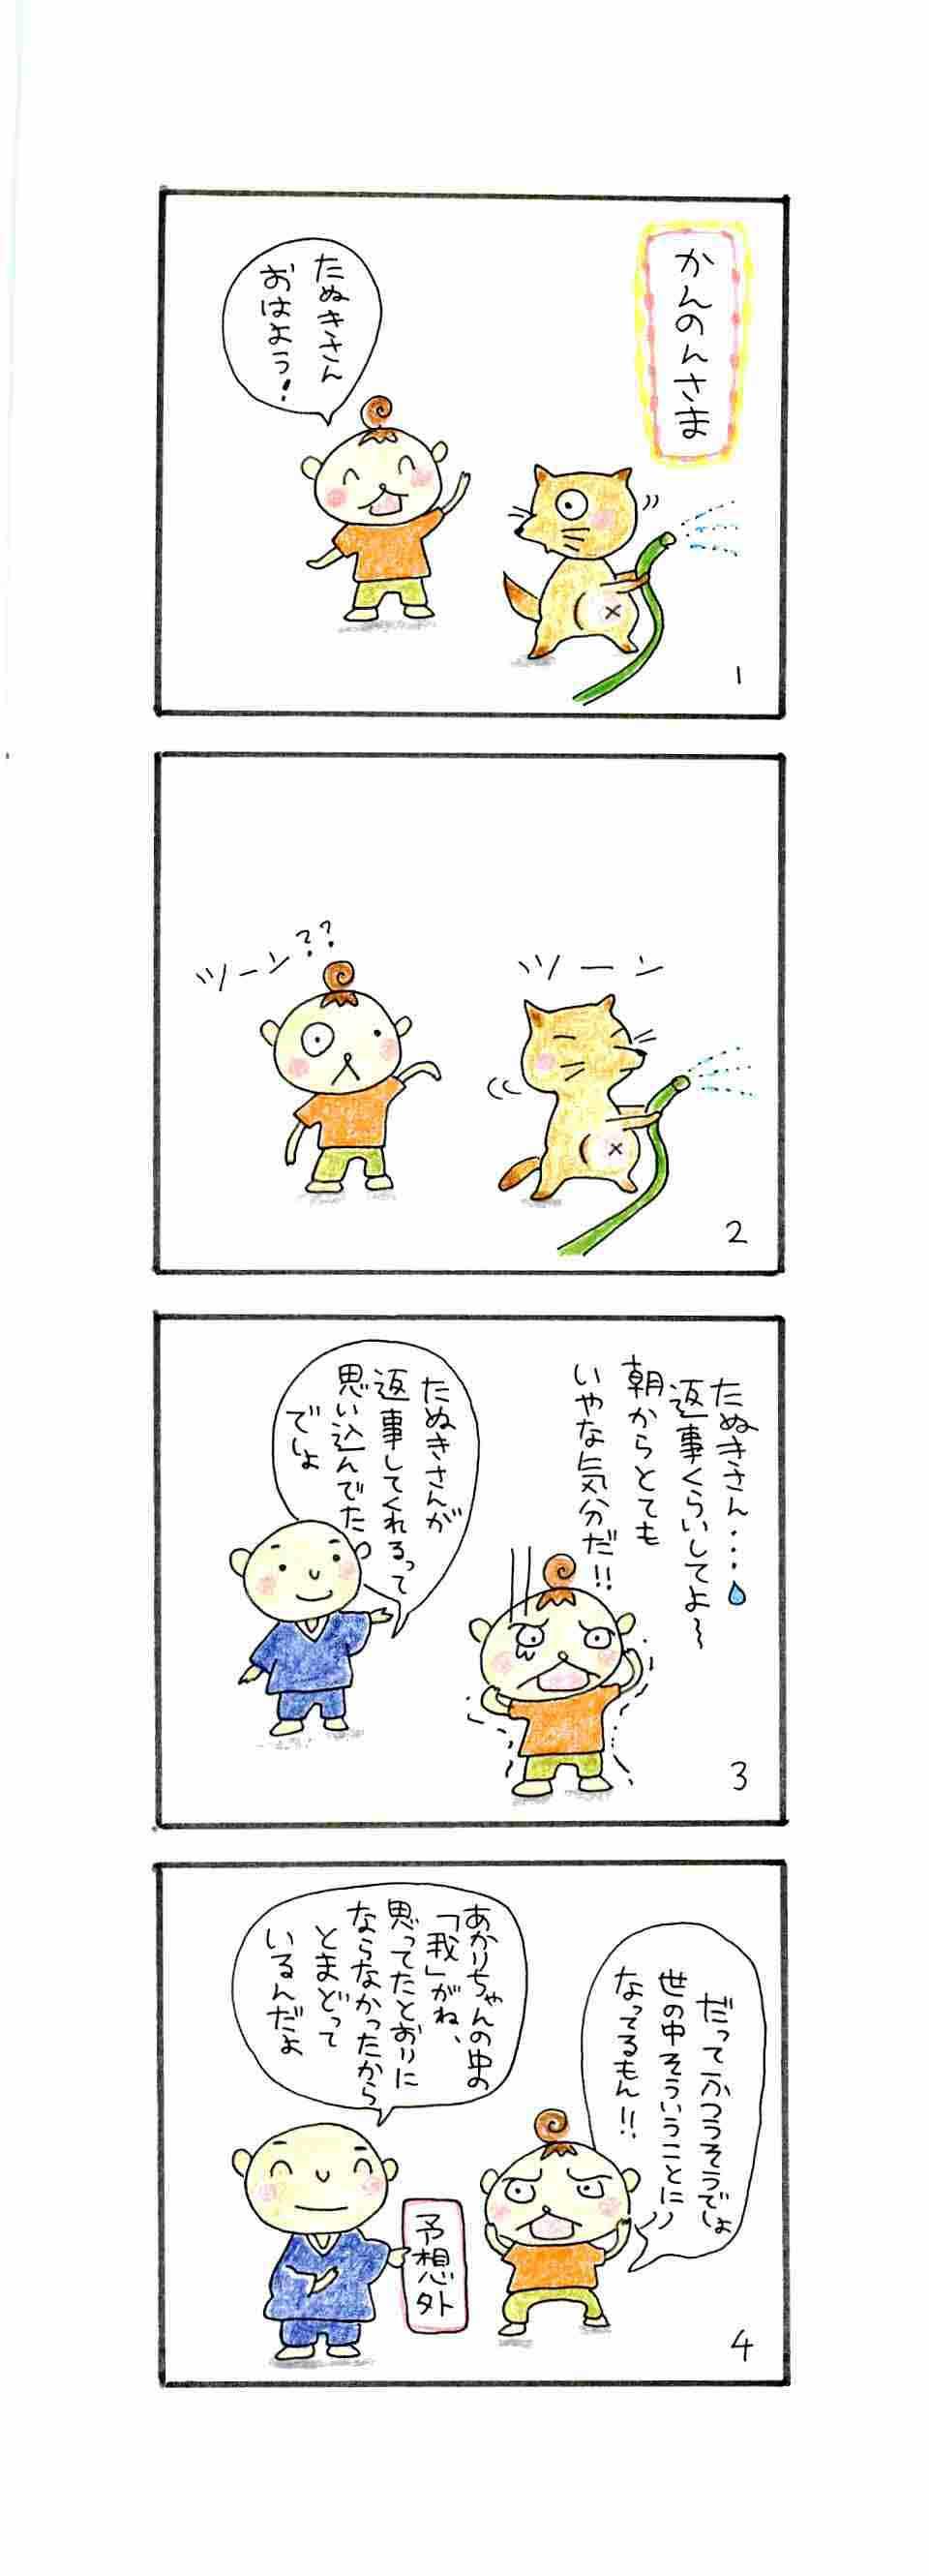 観音様p1-p4